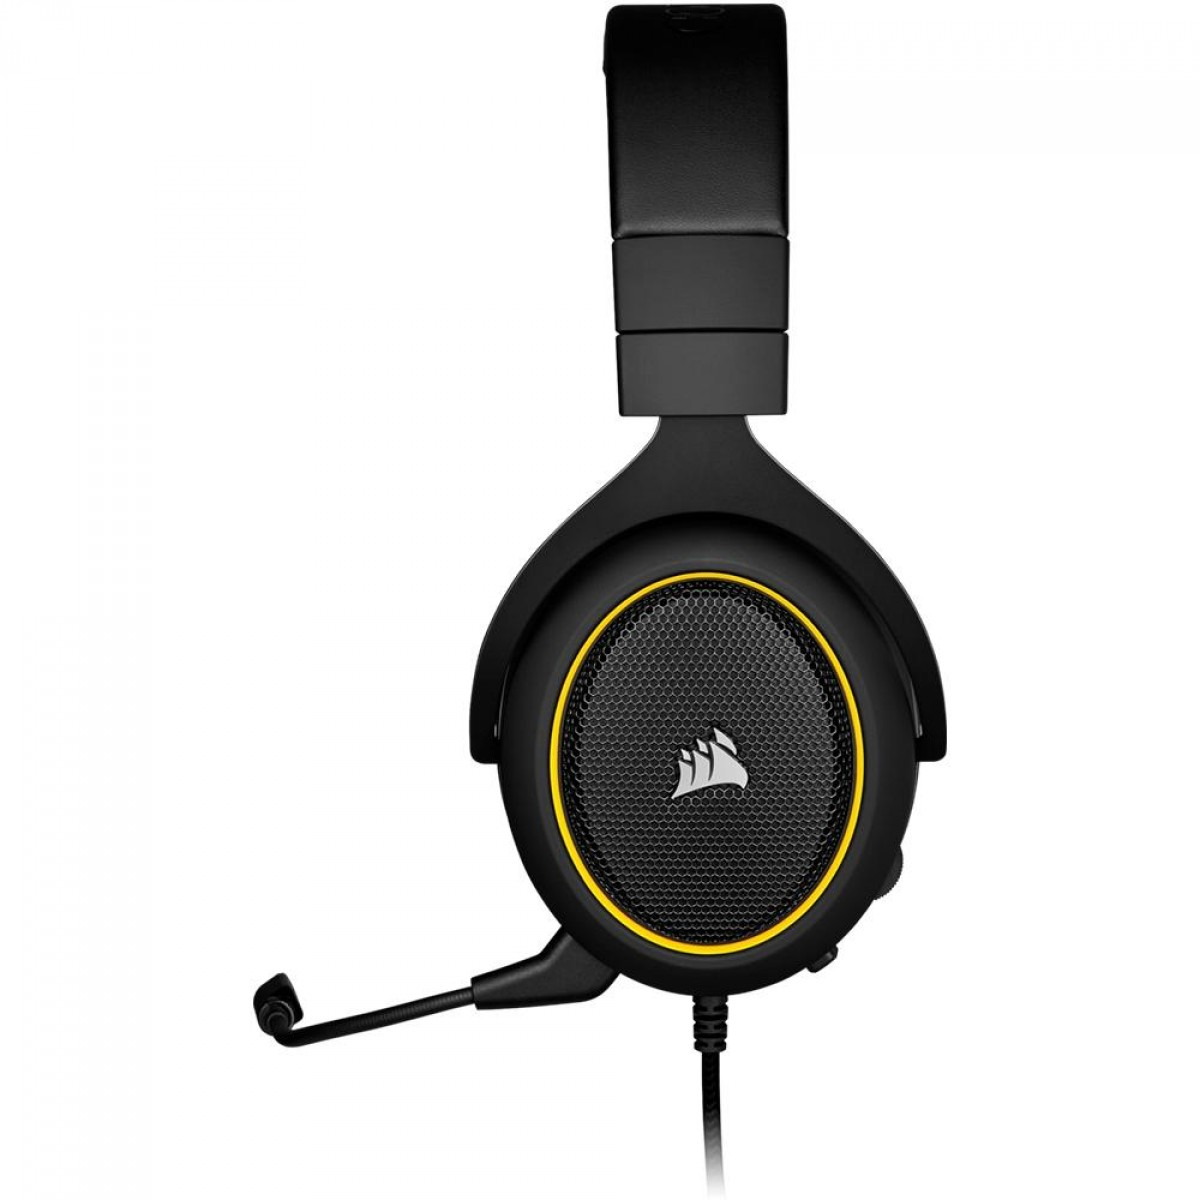 Headset Gamer Corsair HS60 PRO SURROUND, Com Fio, P2, Black/Yellow, CA-9011214-NA